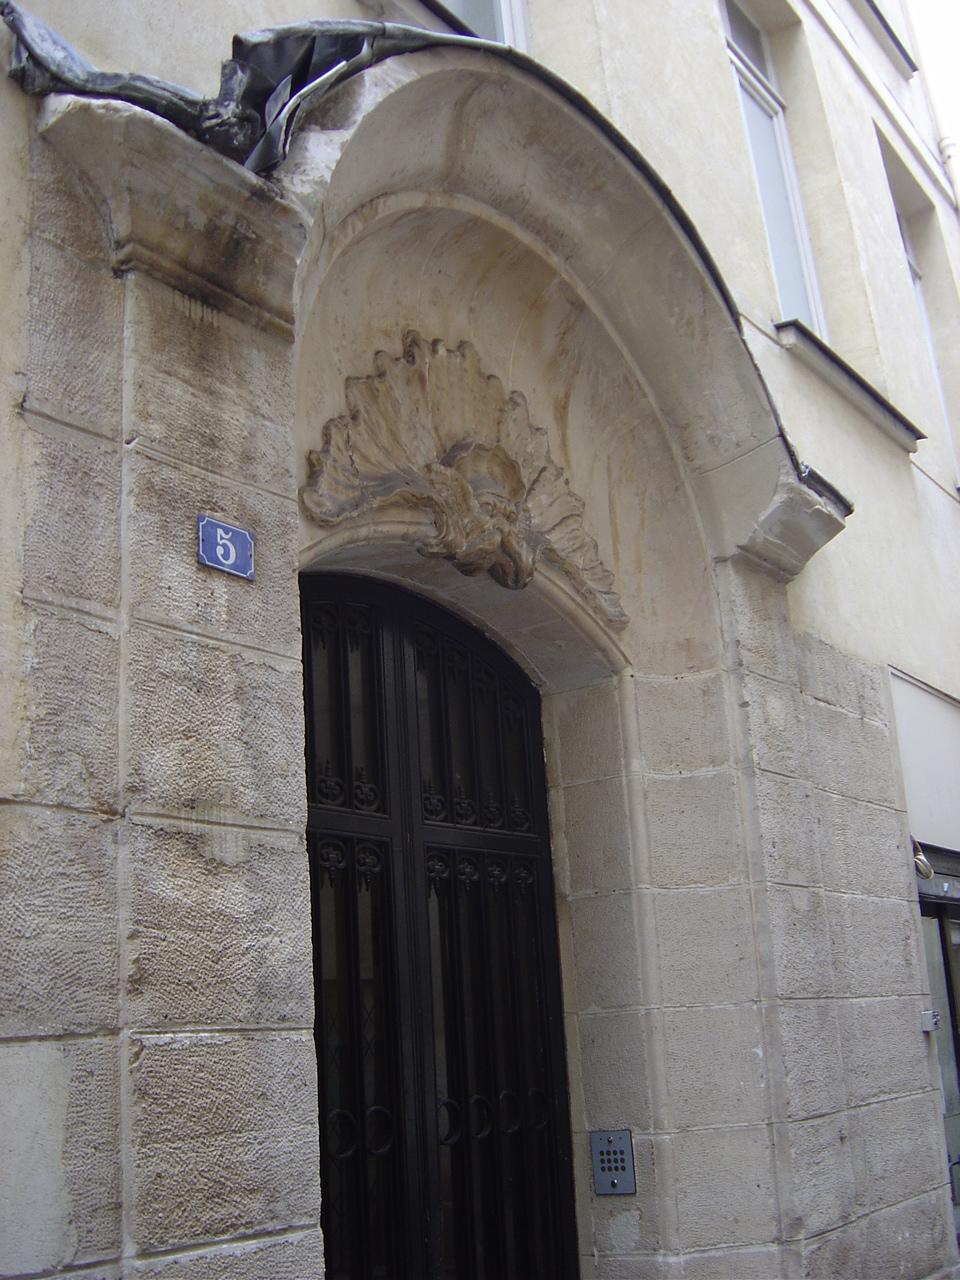 File:Porte au 5 rue du Croissant, Paris.JPG - Wikimedia Commons